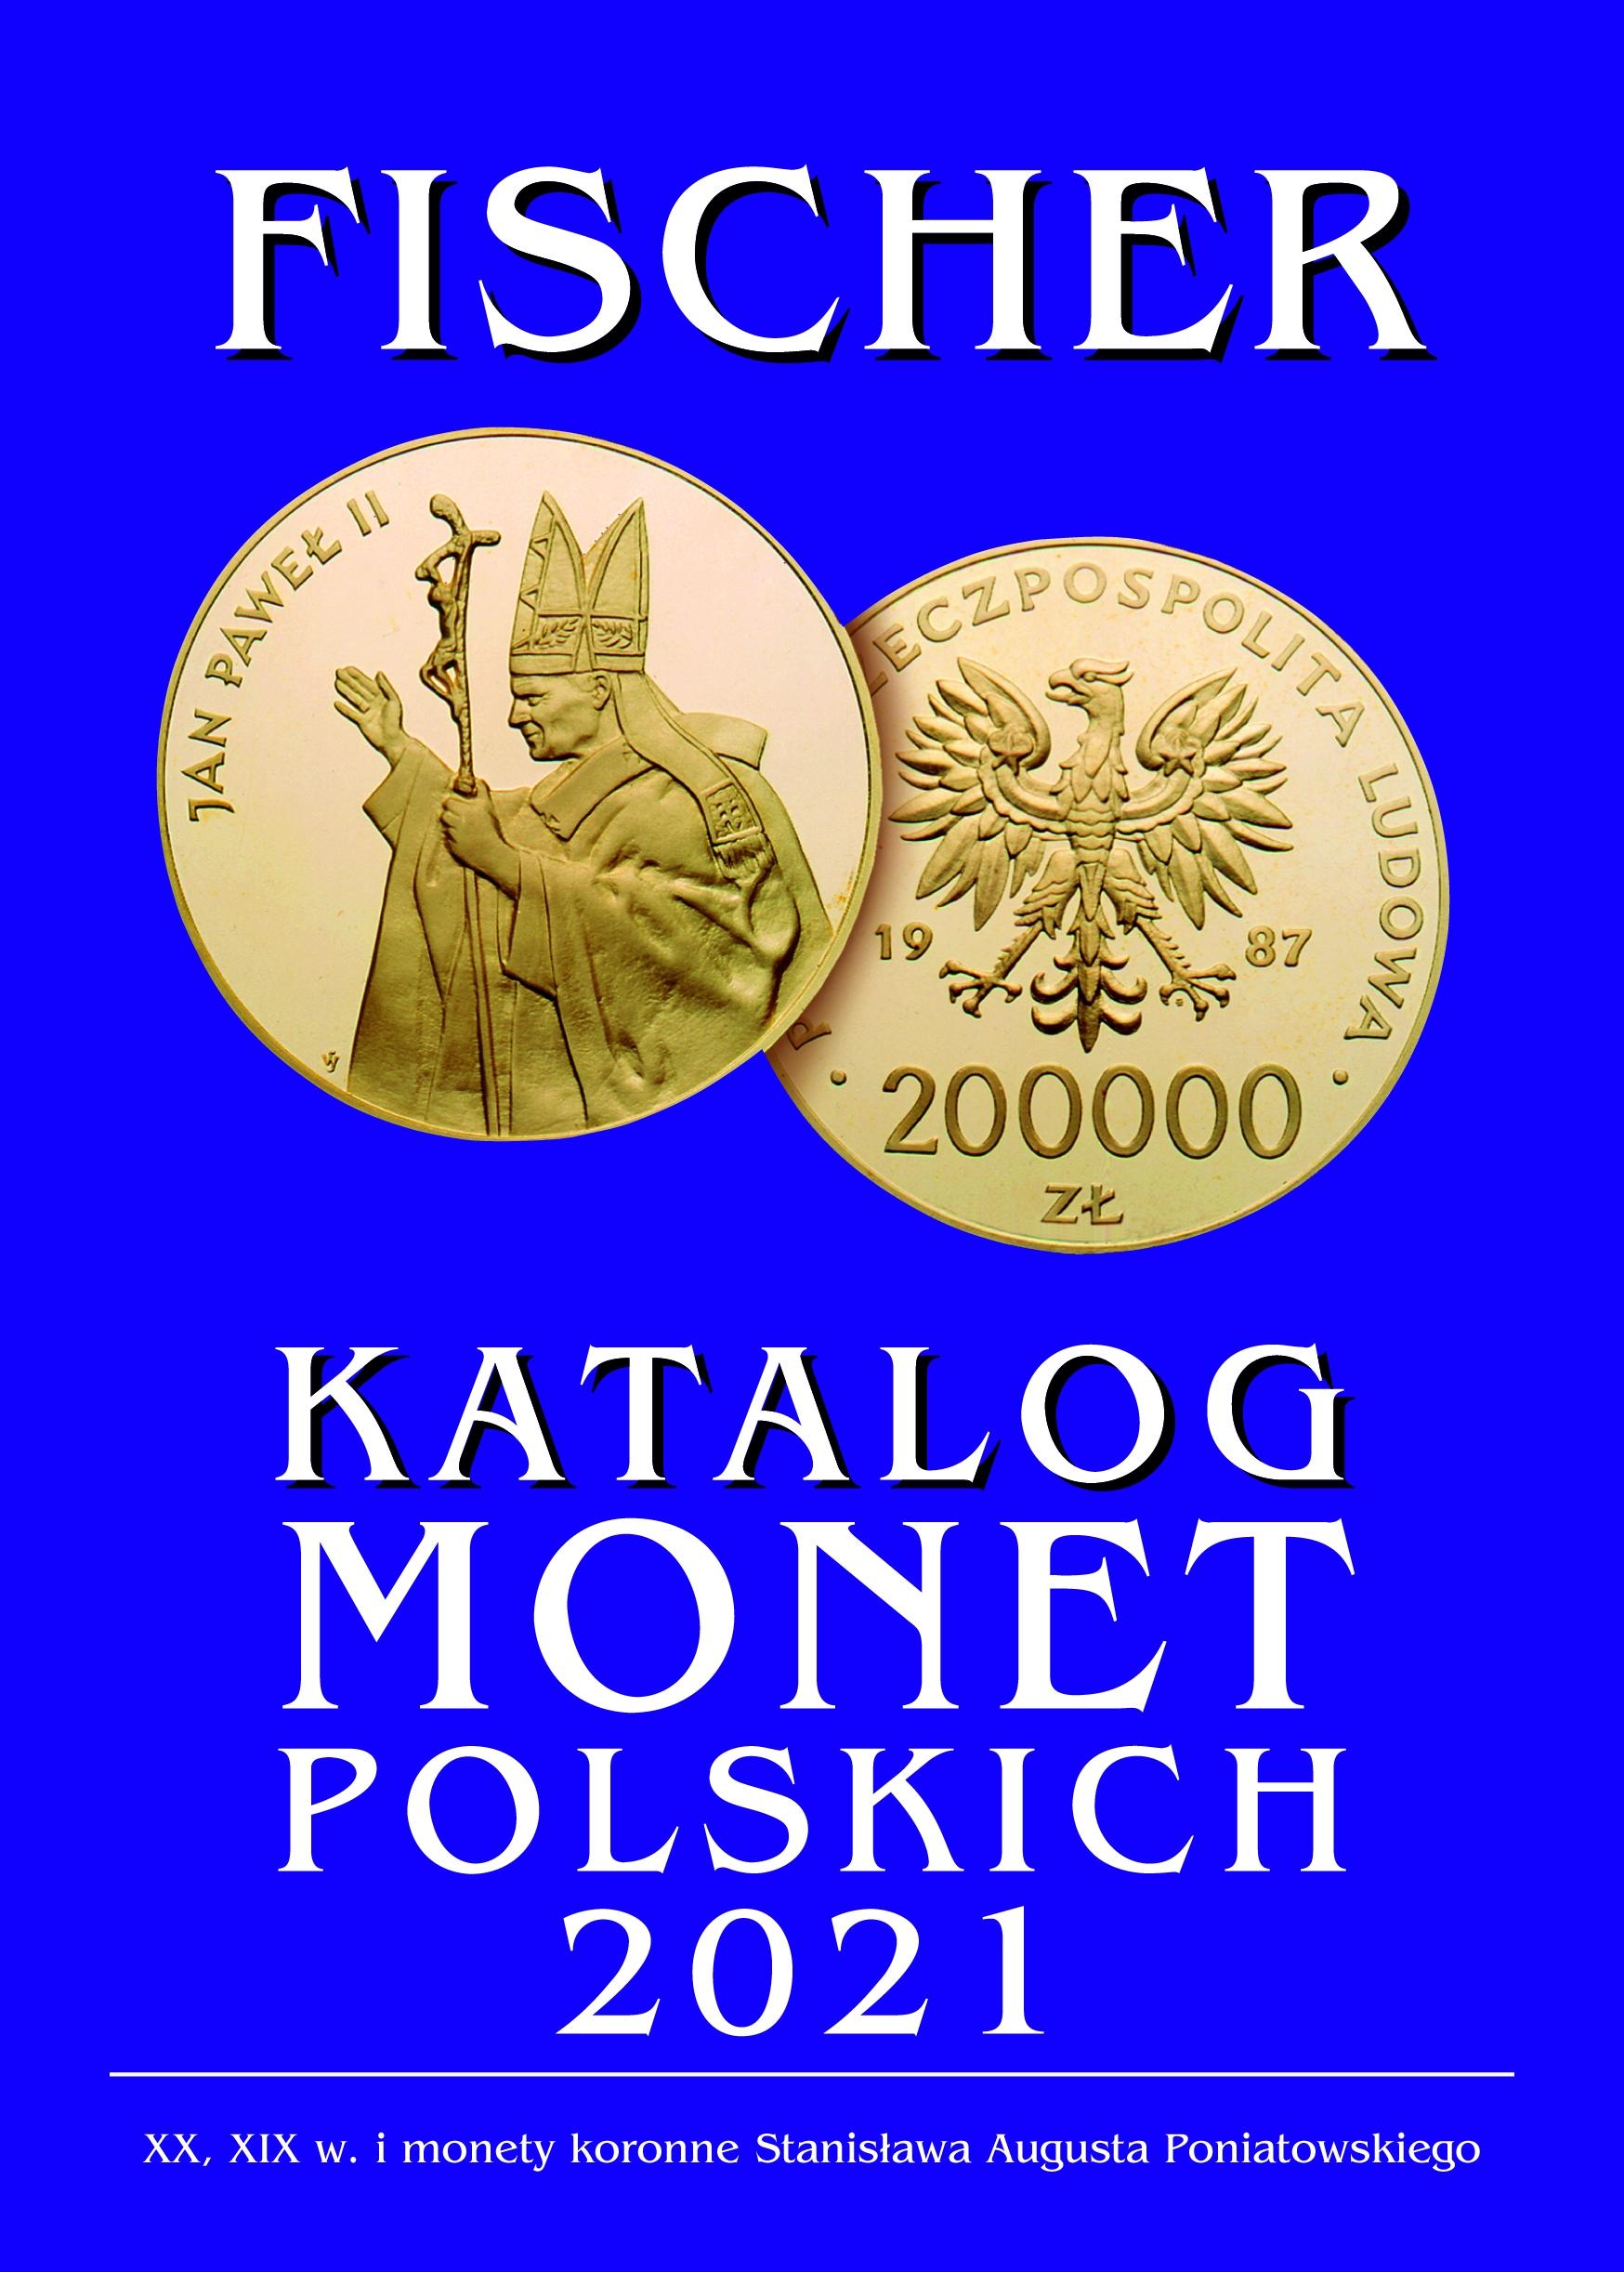 FISCHER KATALOG MONET POLSKICH 2021